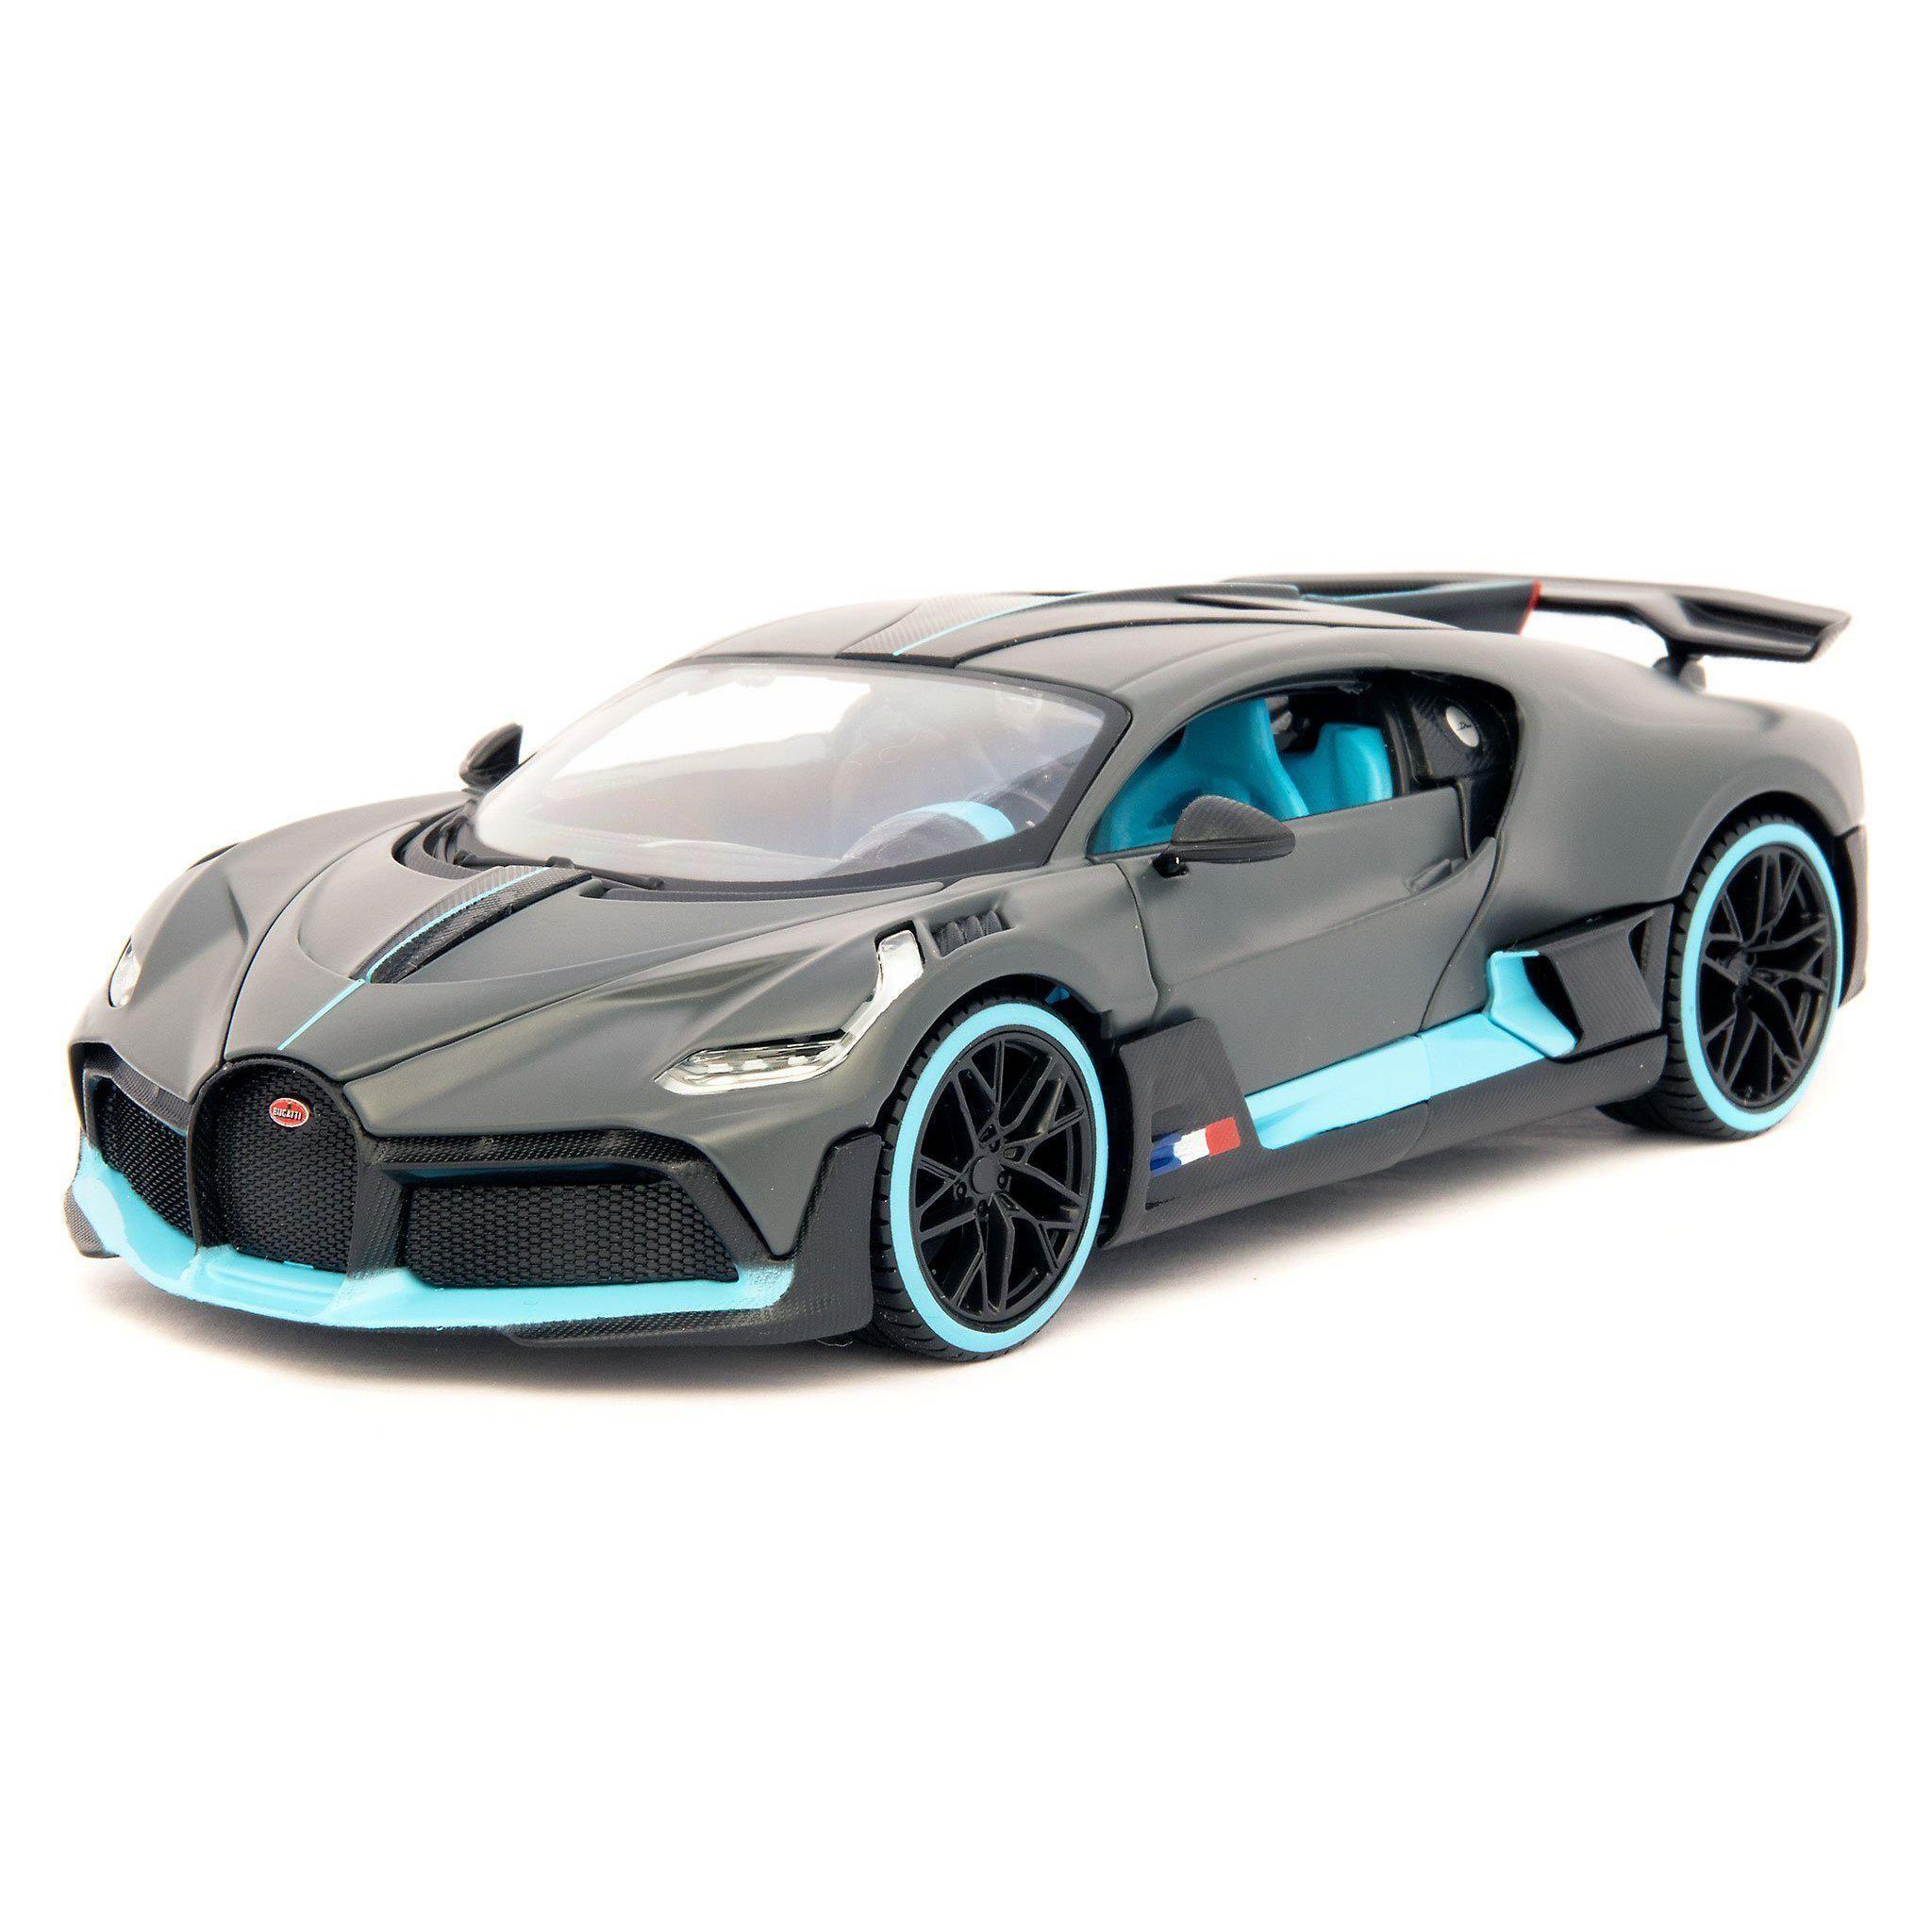 Bugatti Divo Diecast Model Car black 124 Scale